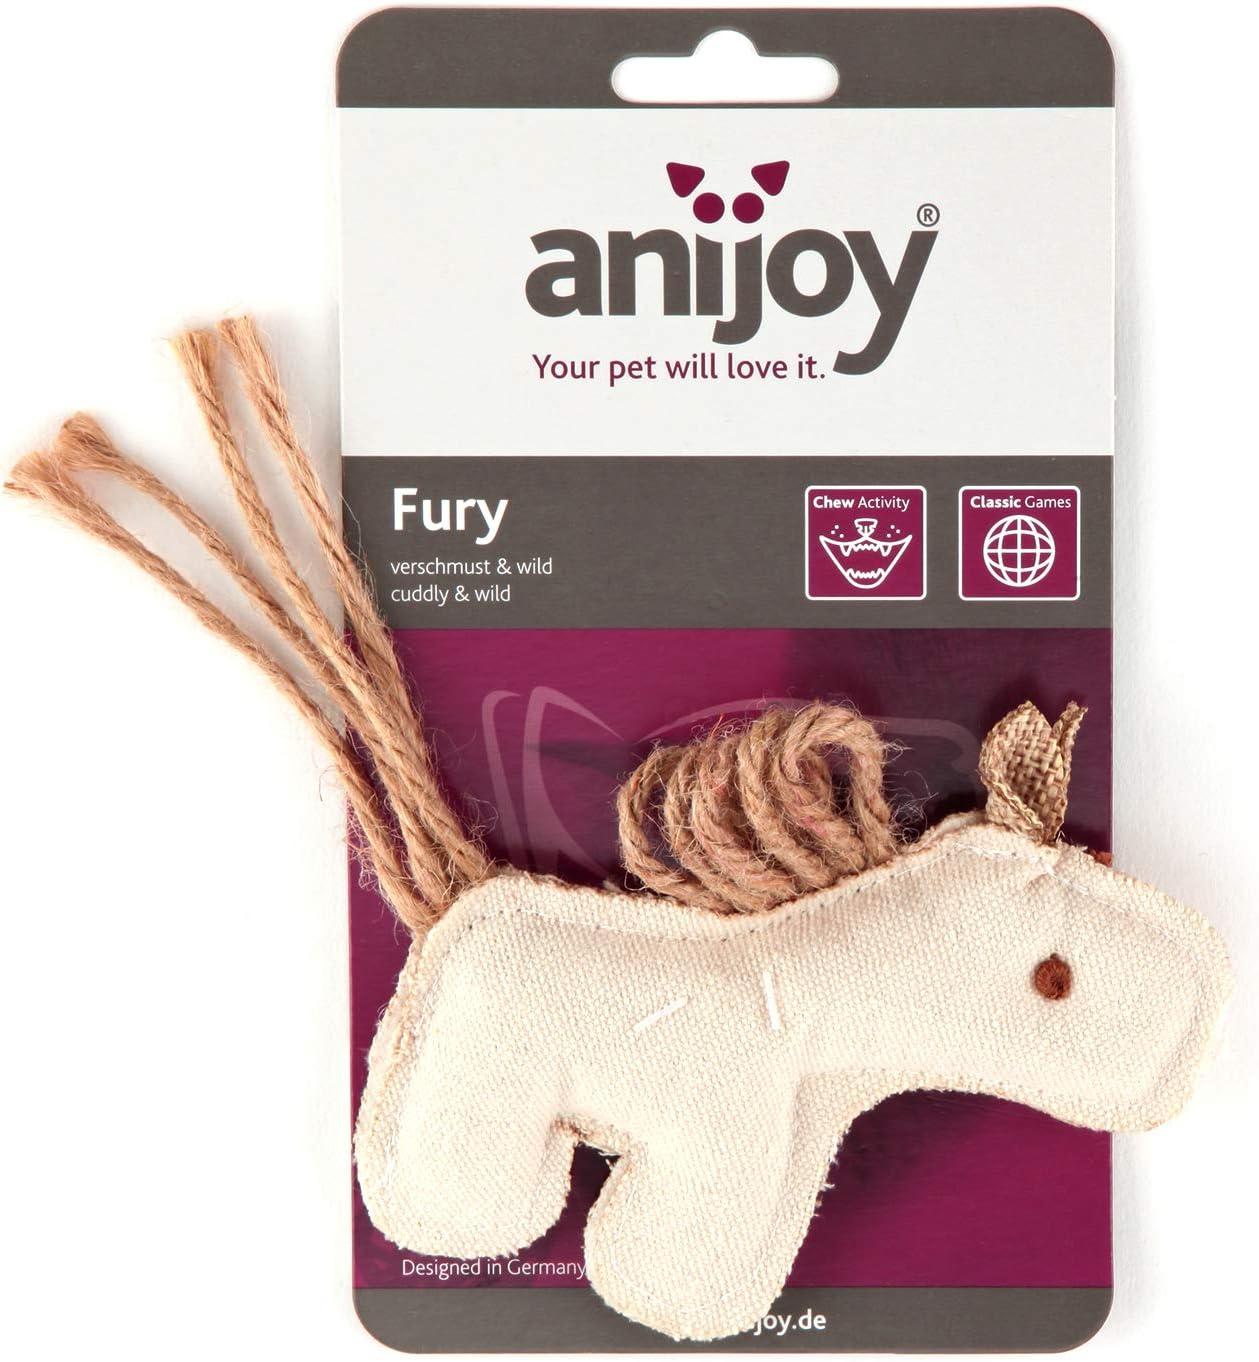 anijoy Giocattolo per Gatti Fury per Caccia e masticazione in Cotone con Imbottitura in polietilene per la Tigre di Animali Selvatici